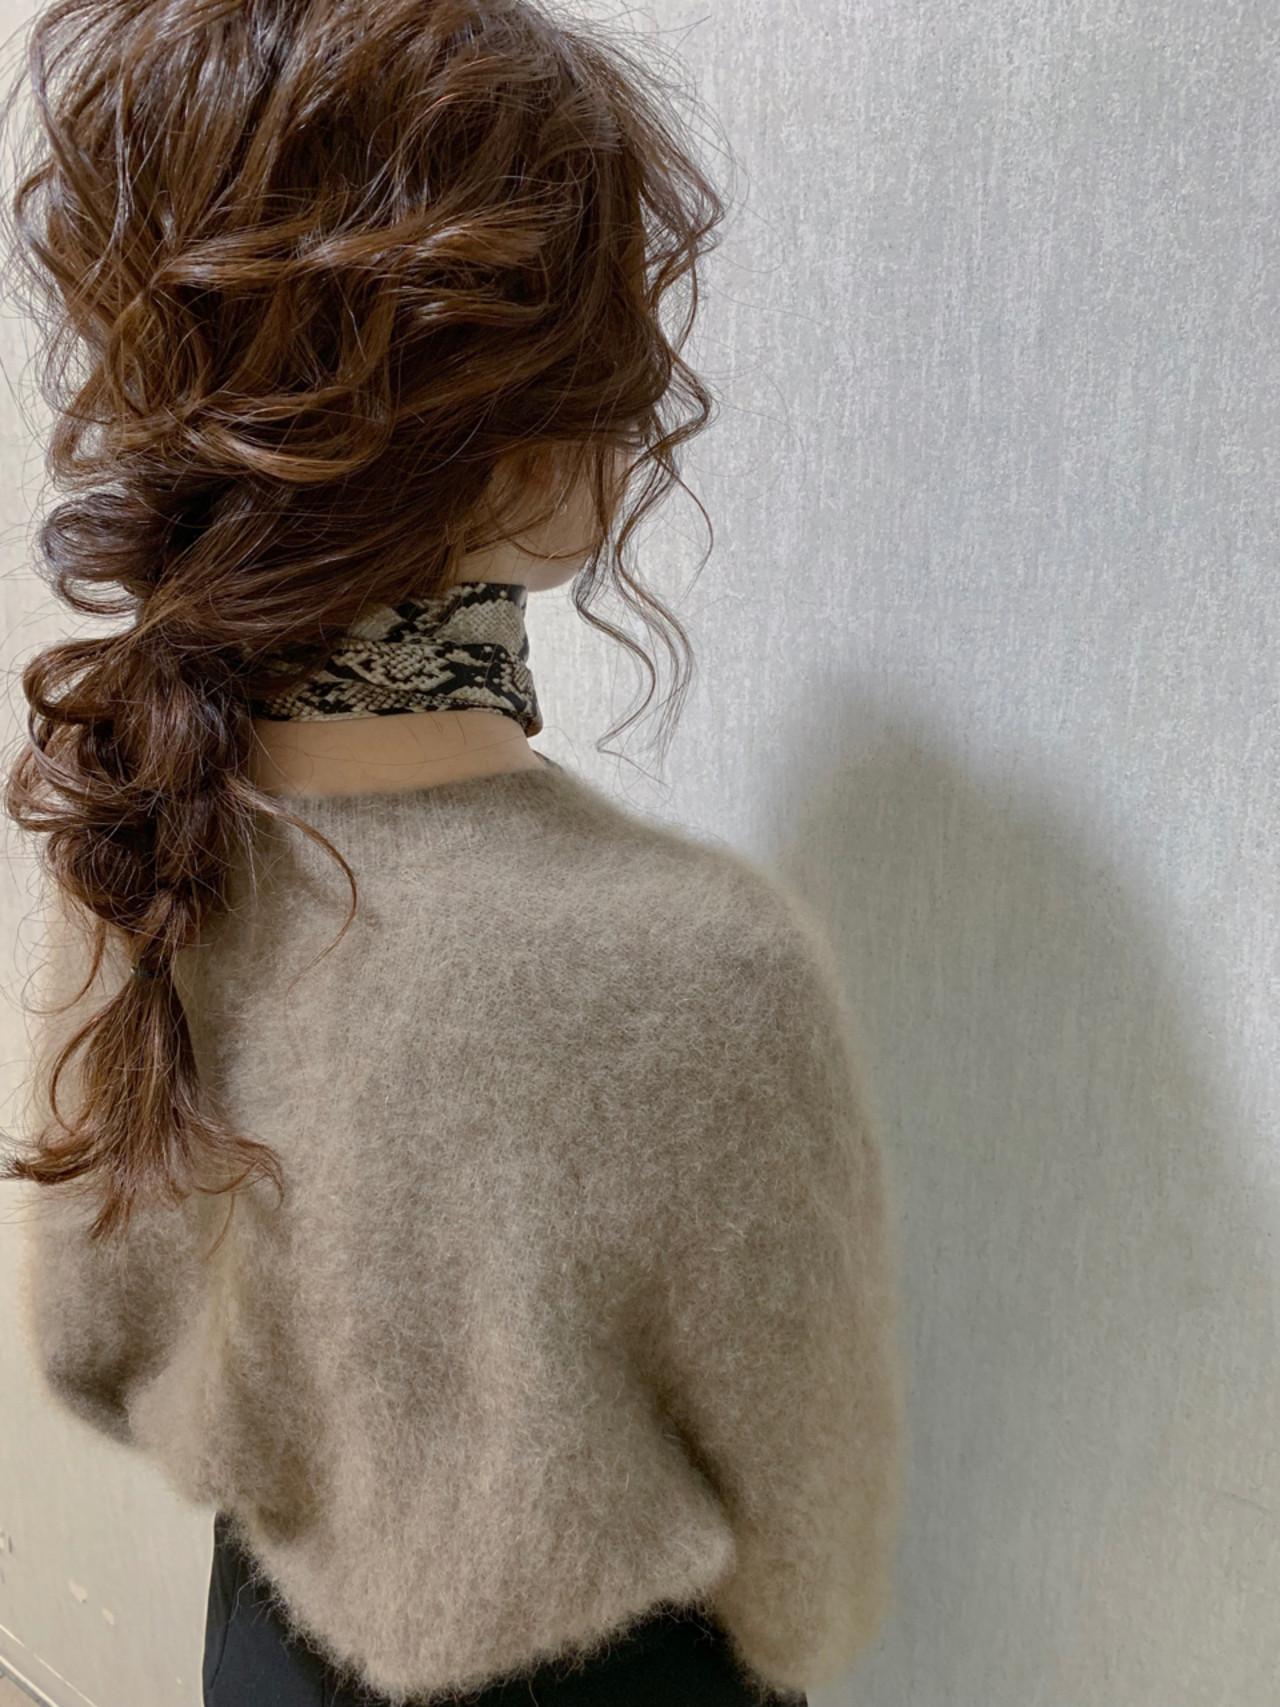 ヘアアレンジ 結婚式 簡単ヘアアレンジ ロング ヘアスタイルや髪型の写真・画像 | yumiko/sapporoSKNOW / SKNOW